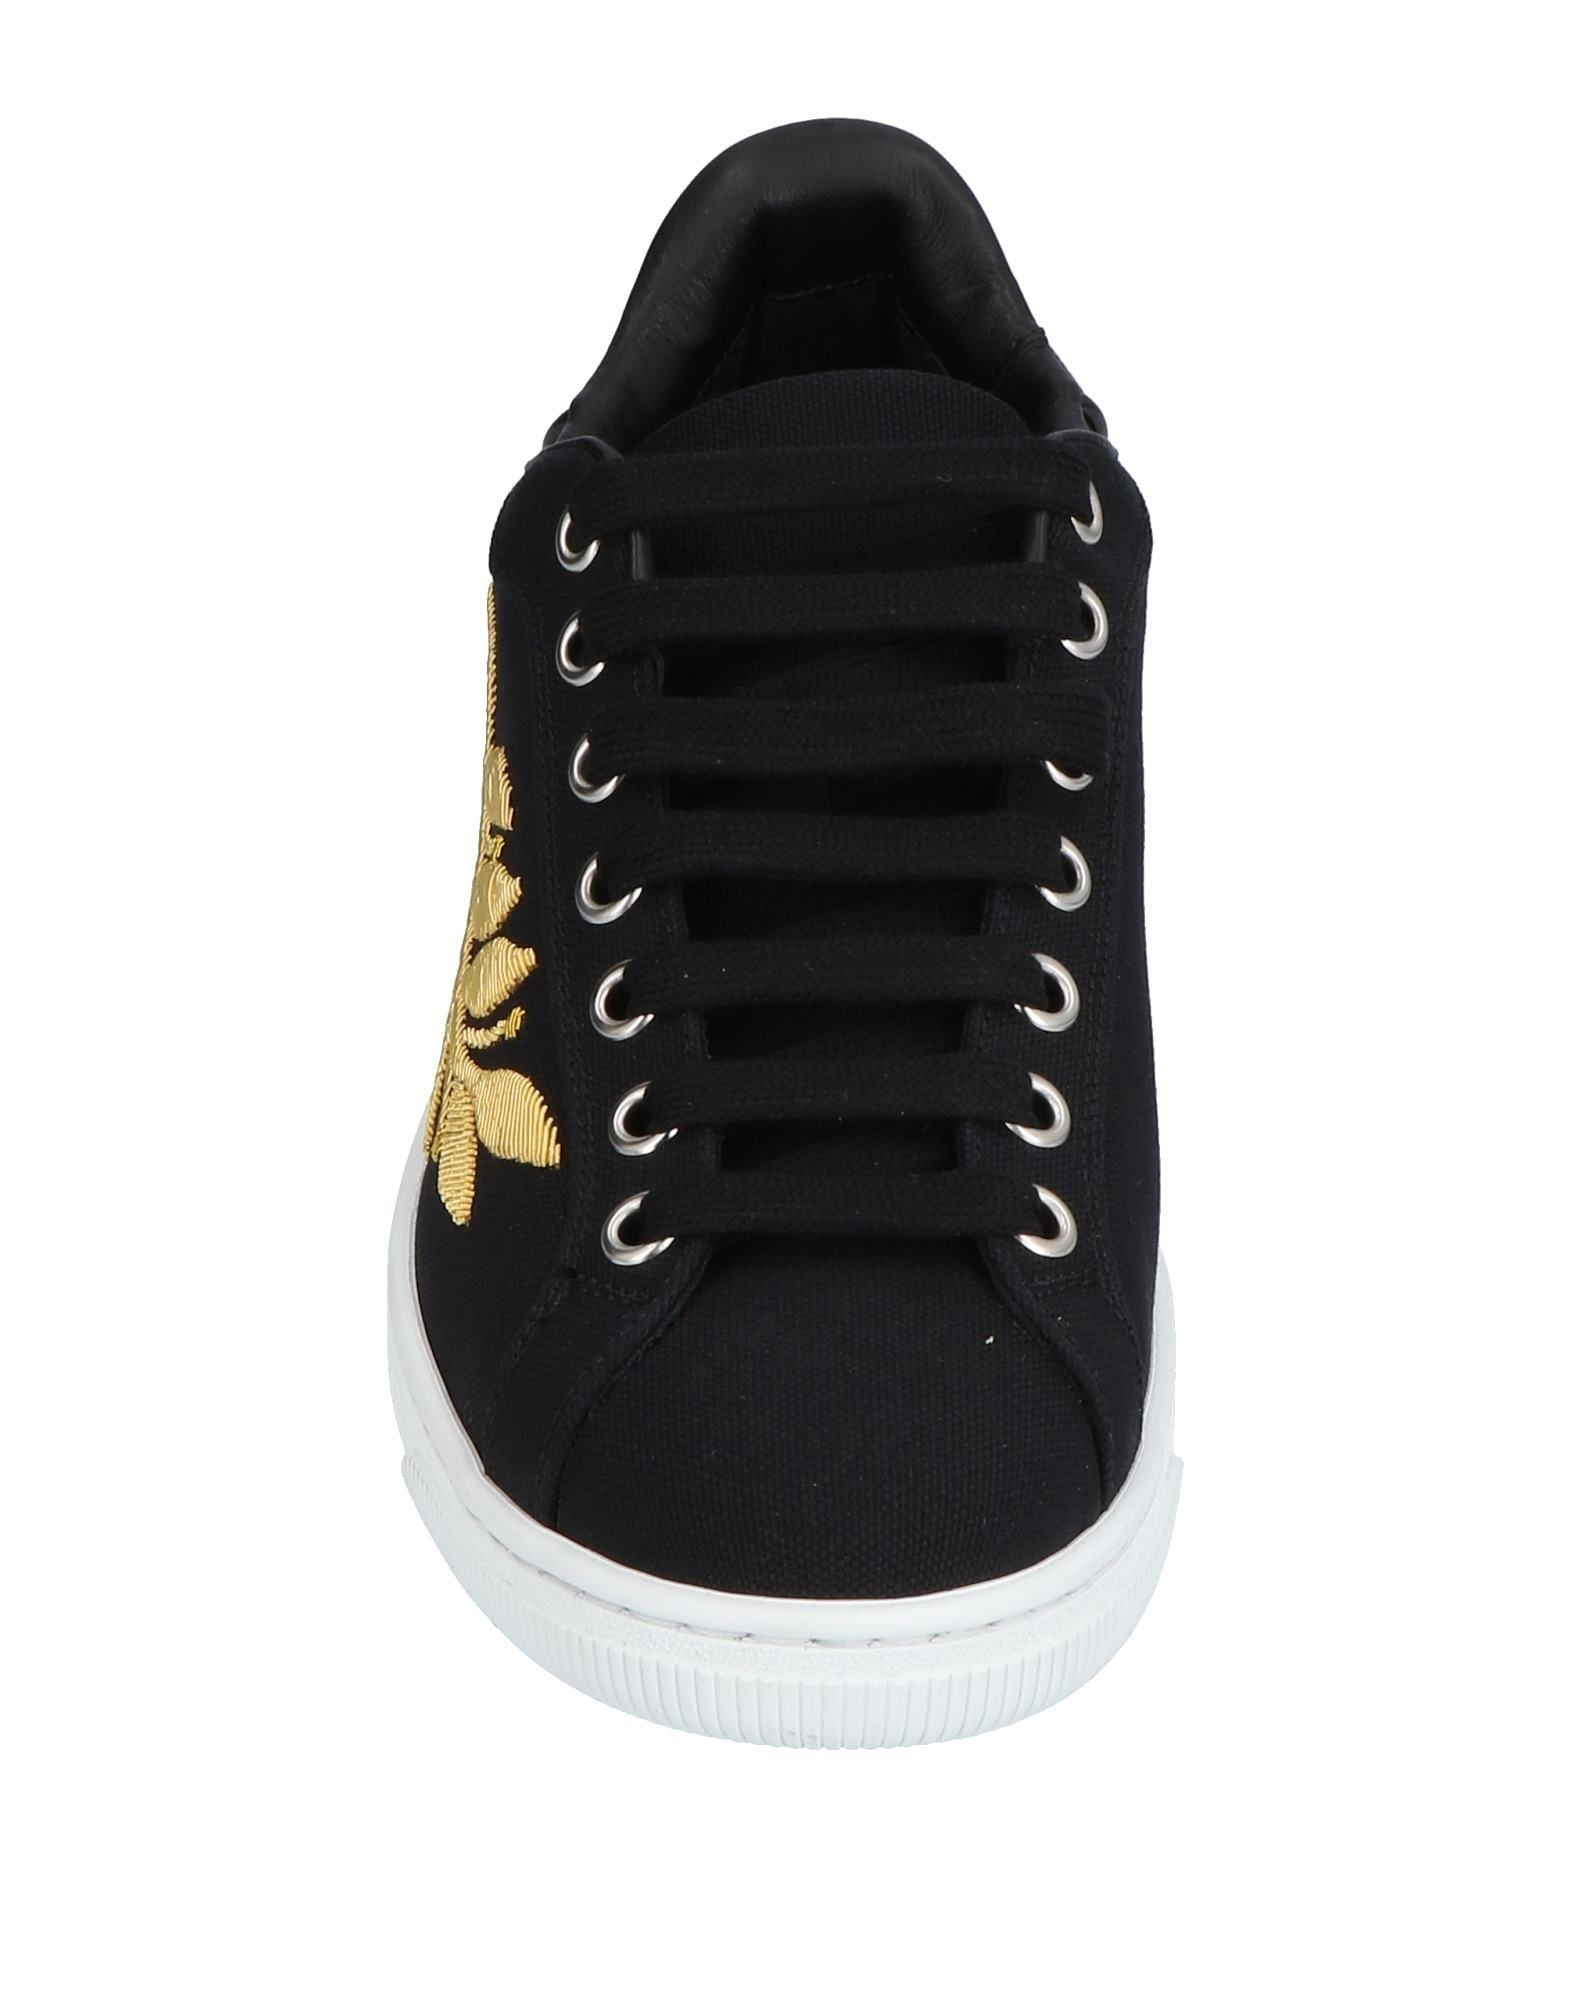 Dsquared2 Sneakers Herren   Herren 11488143IJ Gute Qualität beliebte Schuhe 637b4b